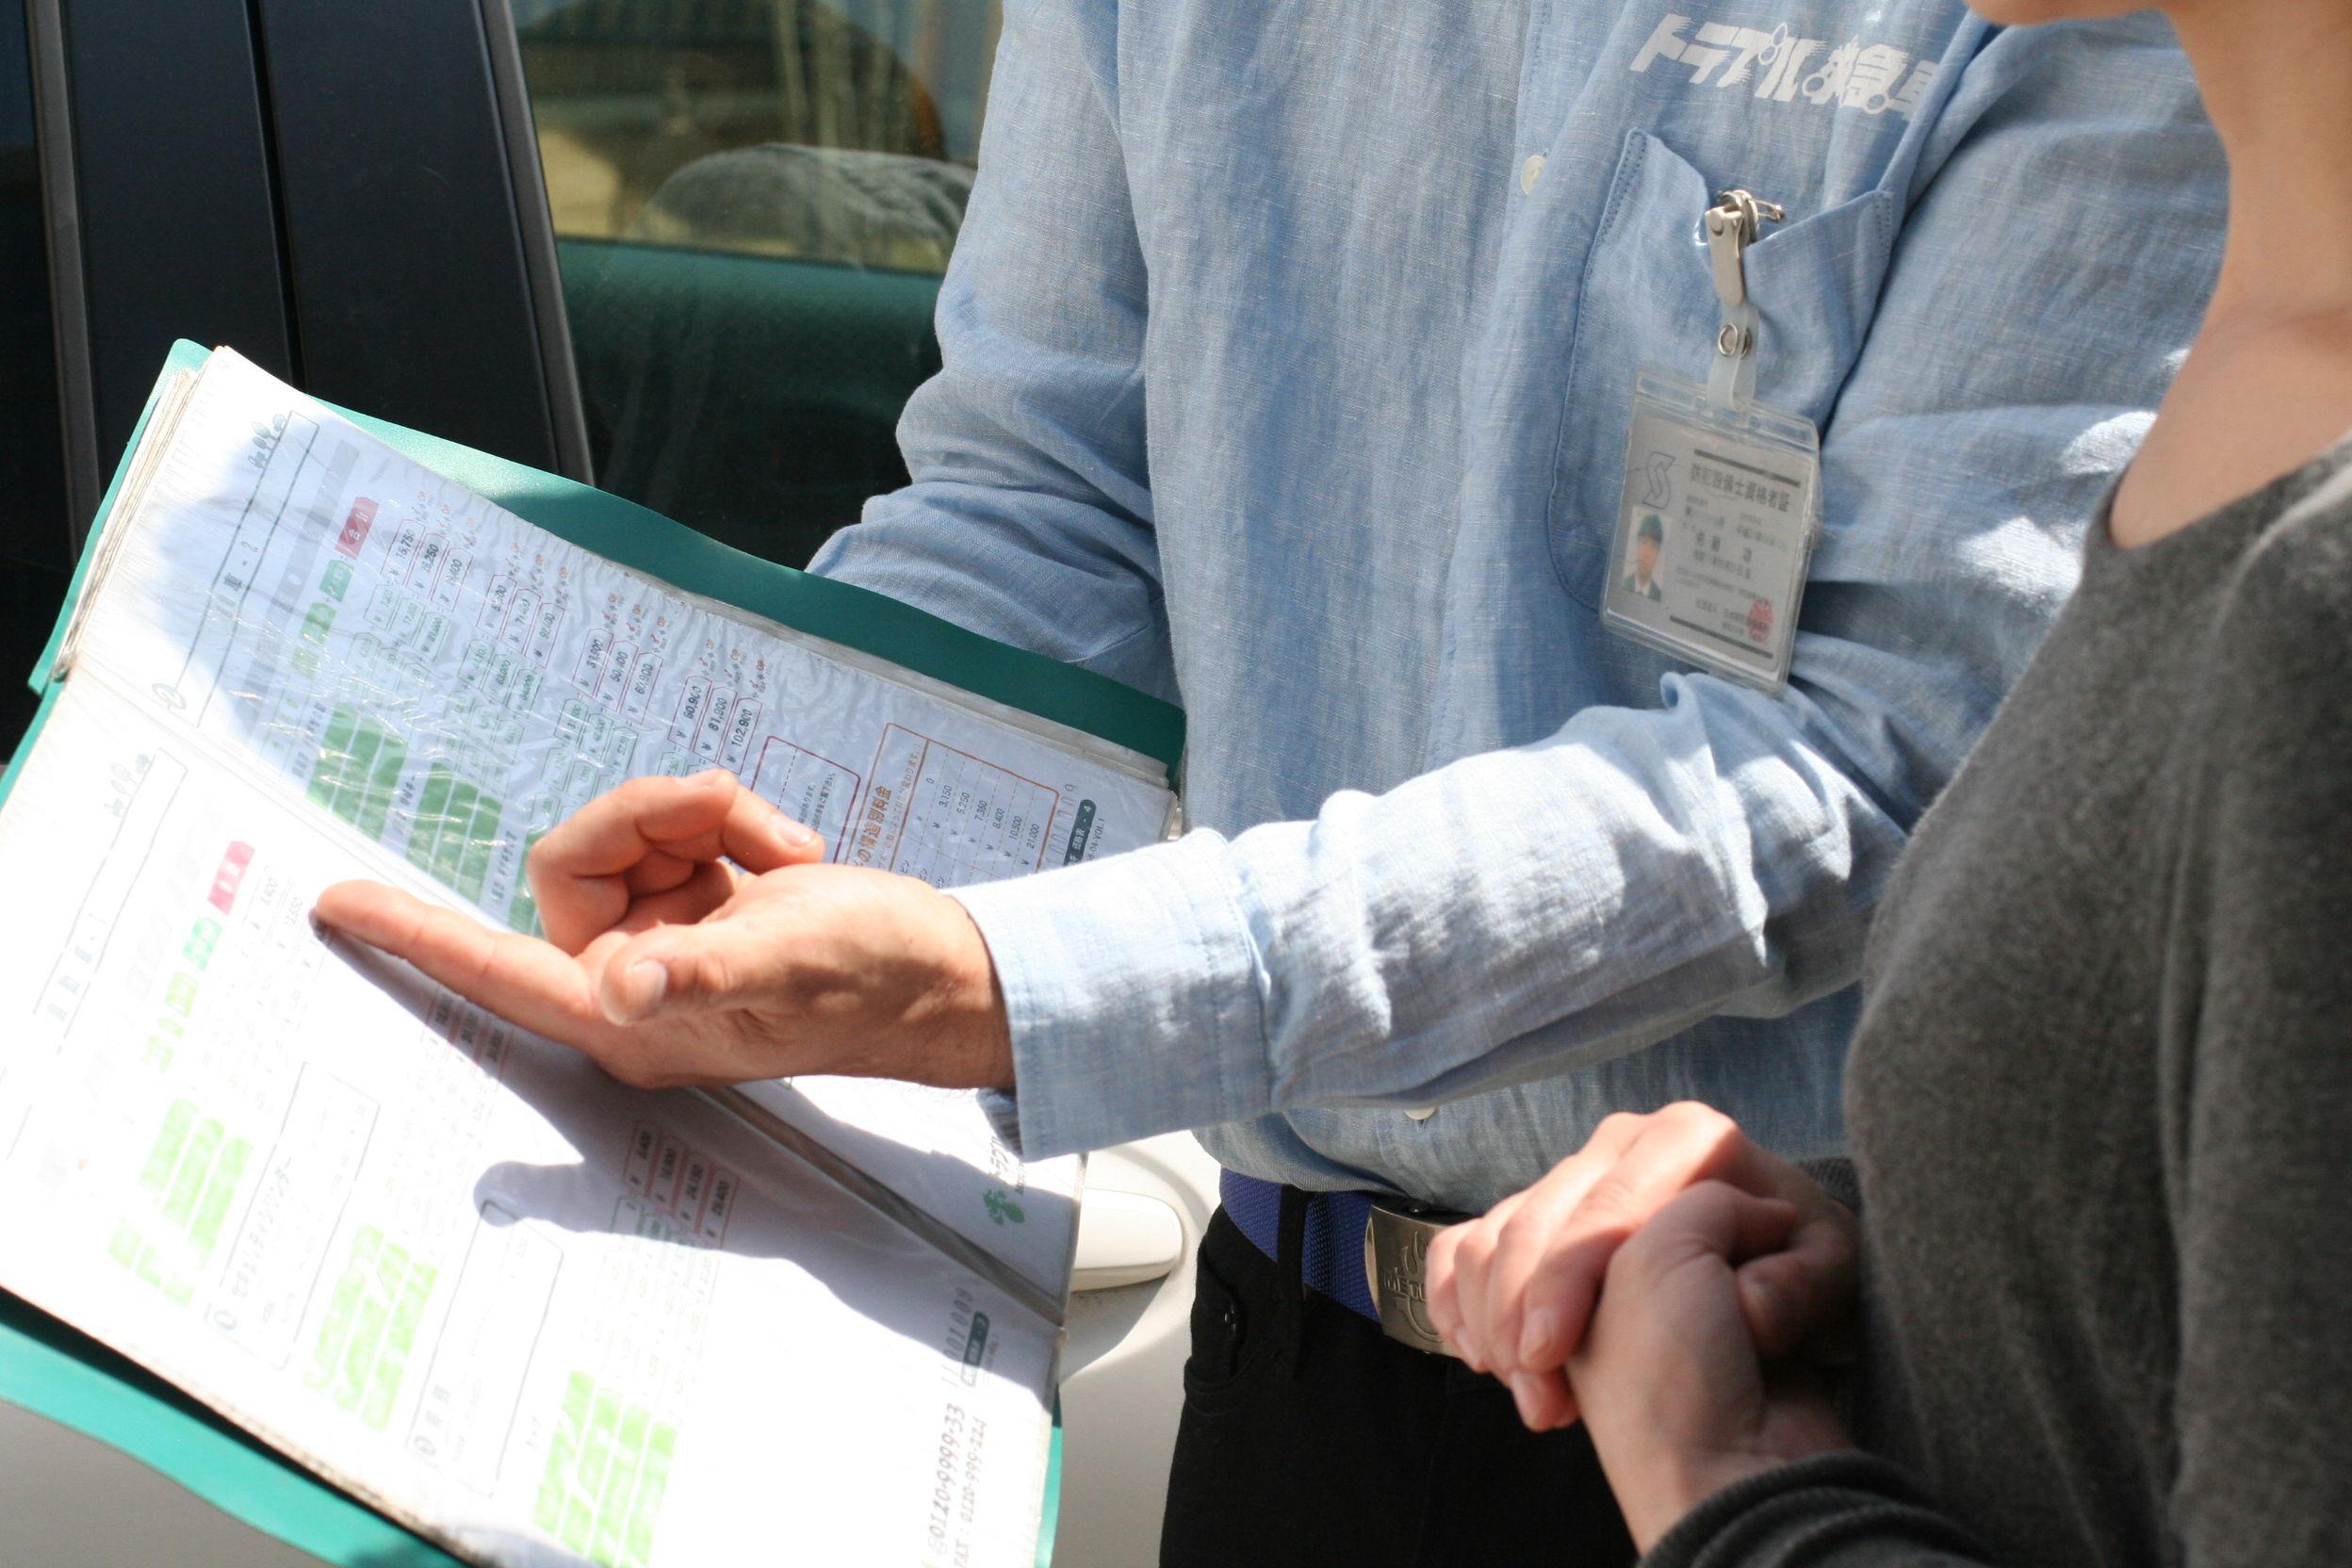 カギのトラブル救急車【浜松市東区 出張エリア】のメイン画像